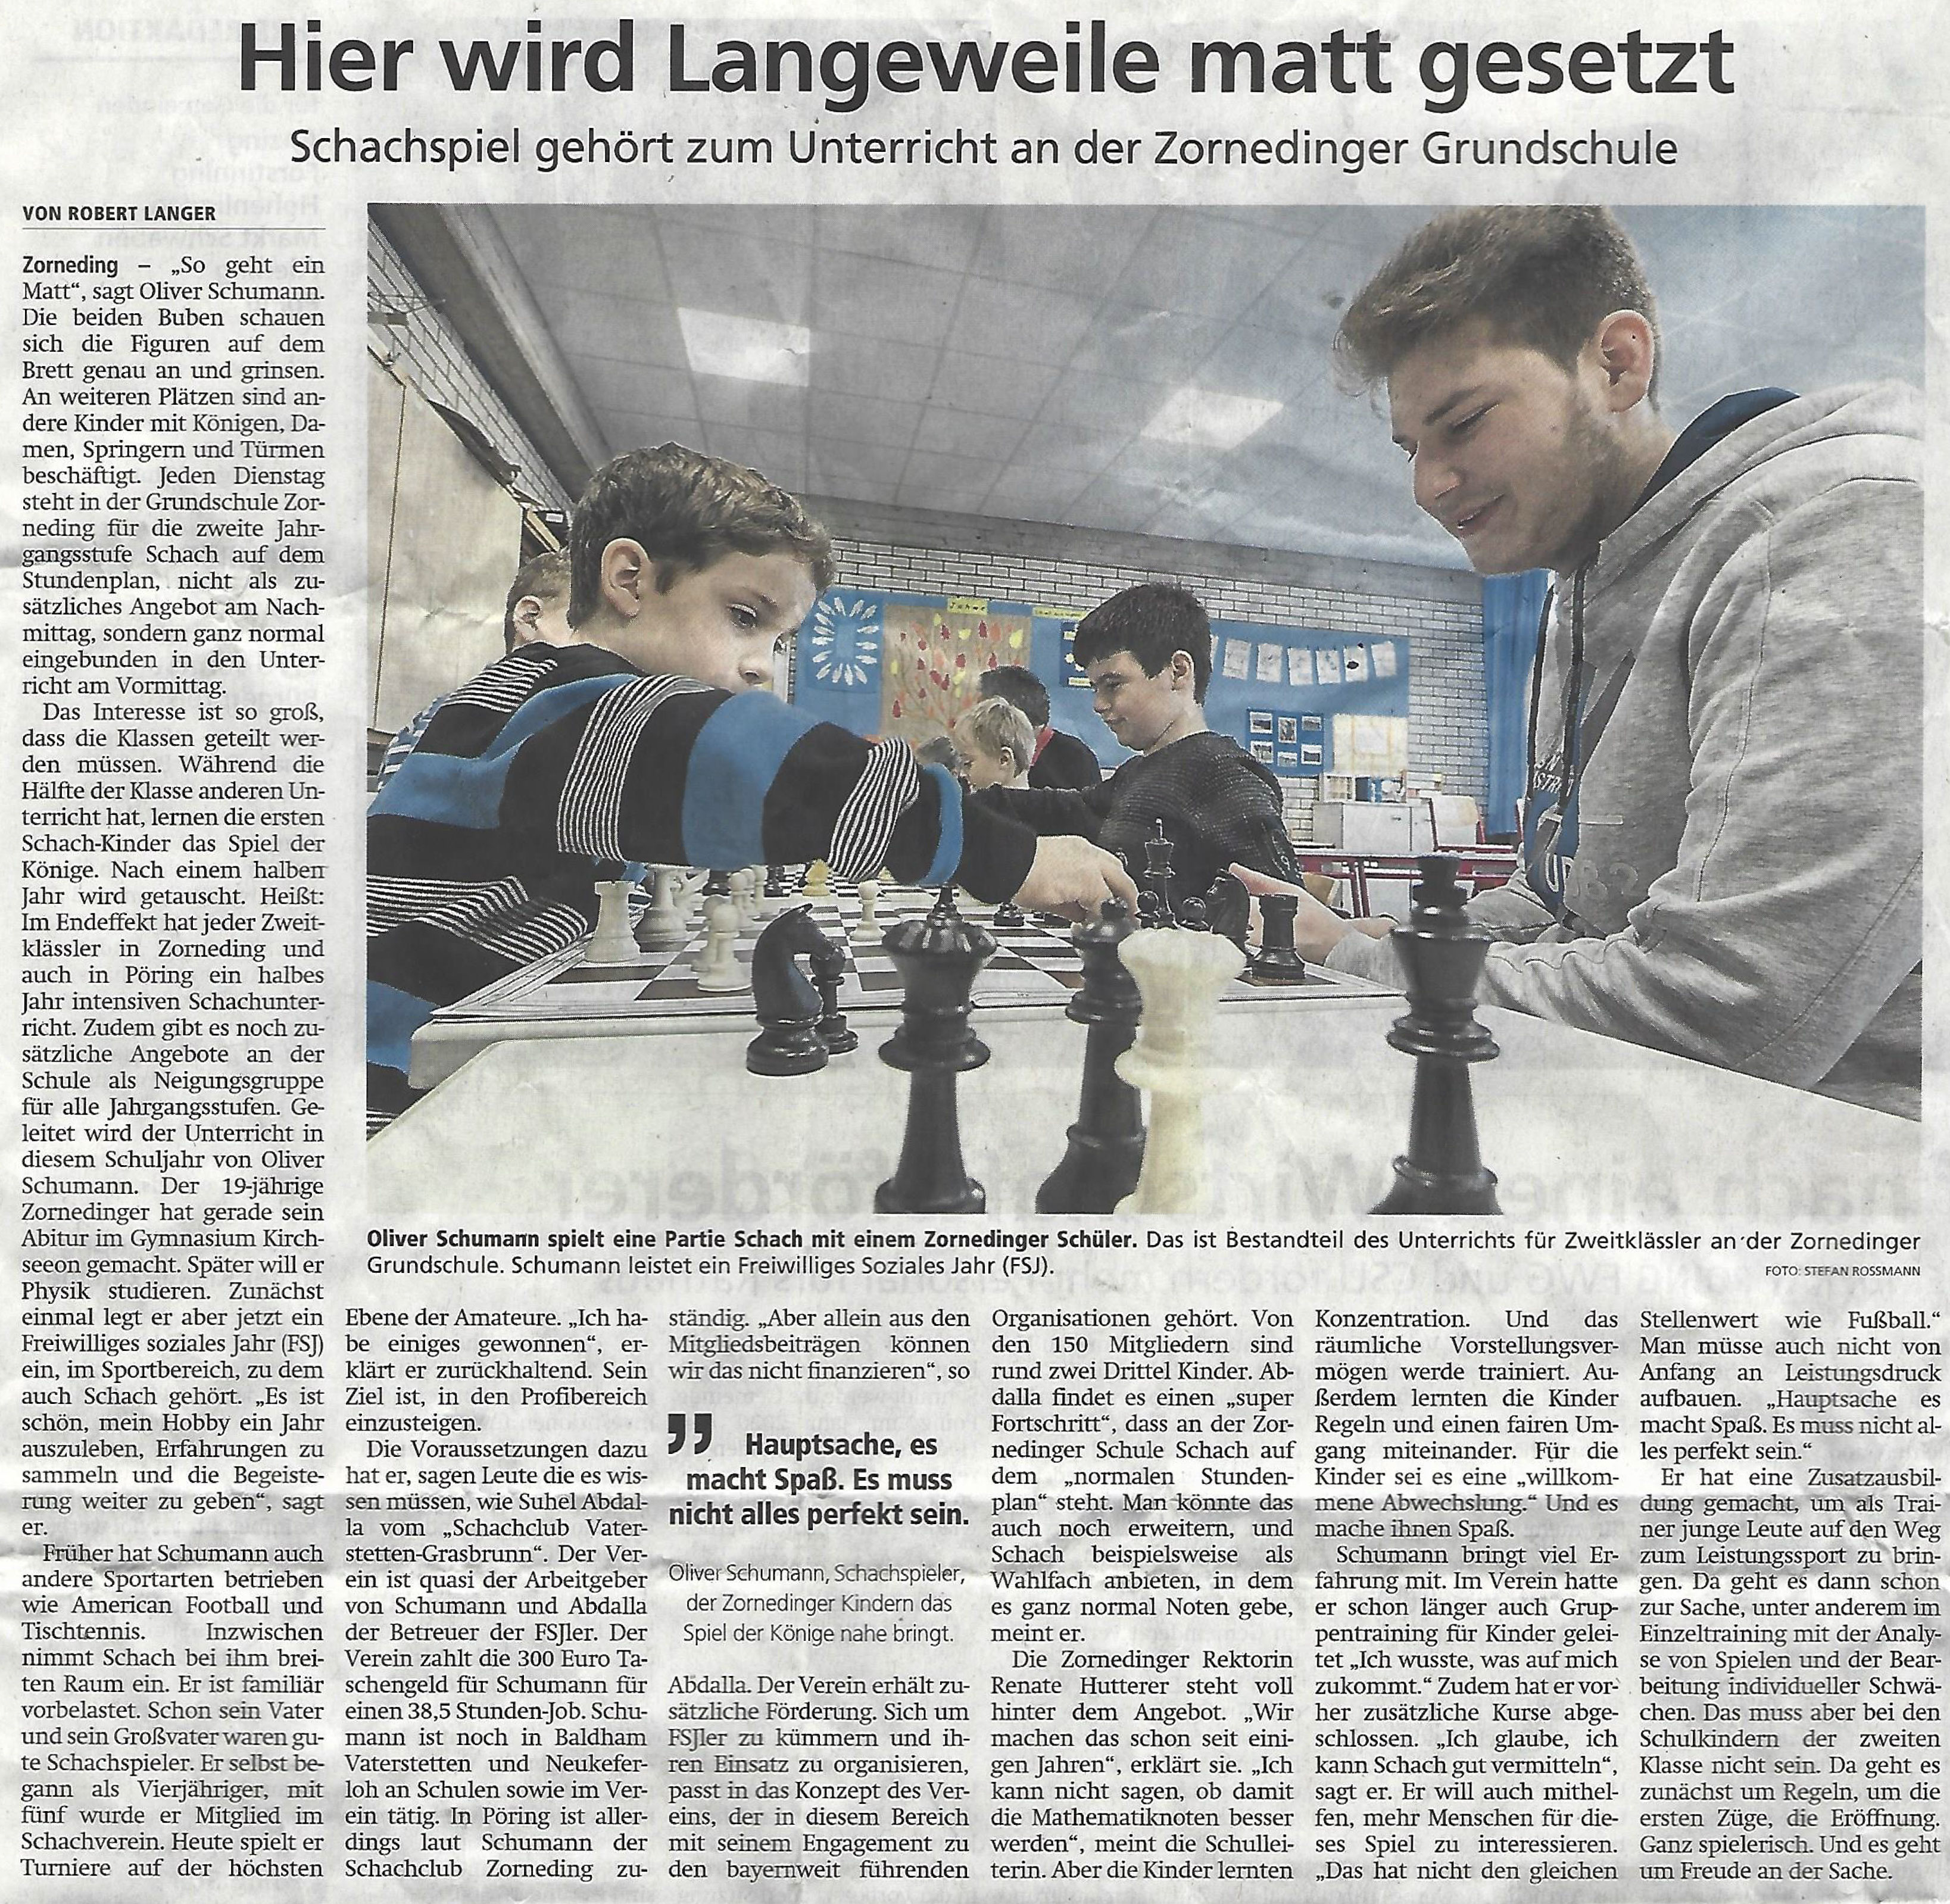 Schach-FSJ